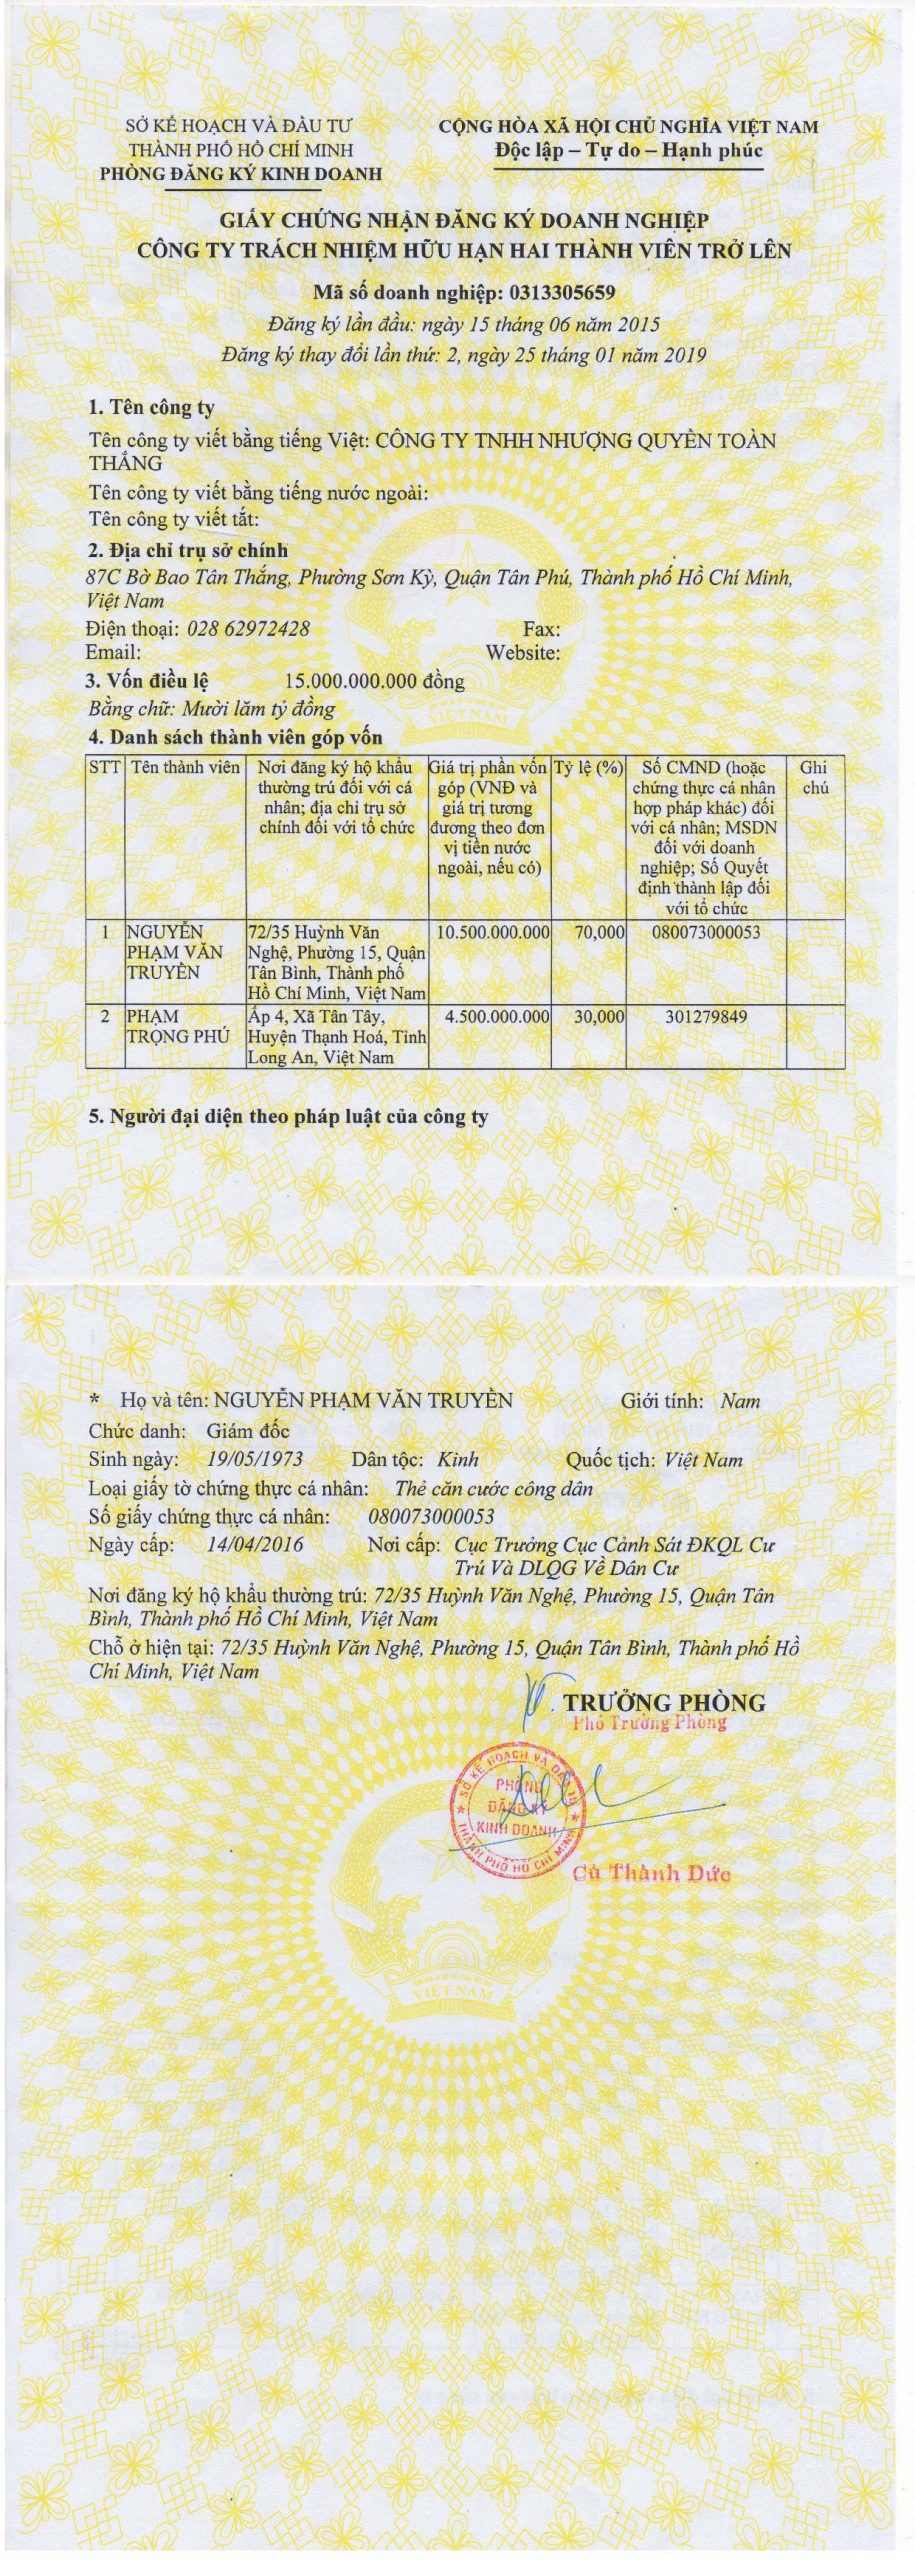 giấy đăng ký kinh doanh của nhượng quyền toàn thắng